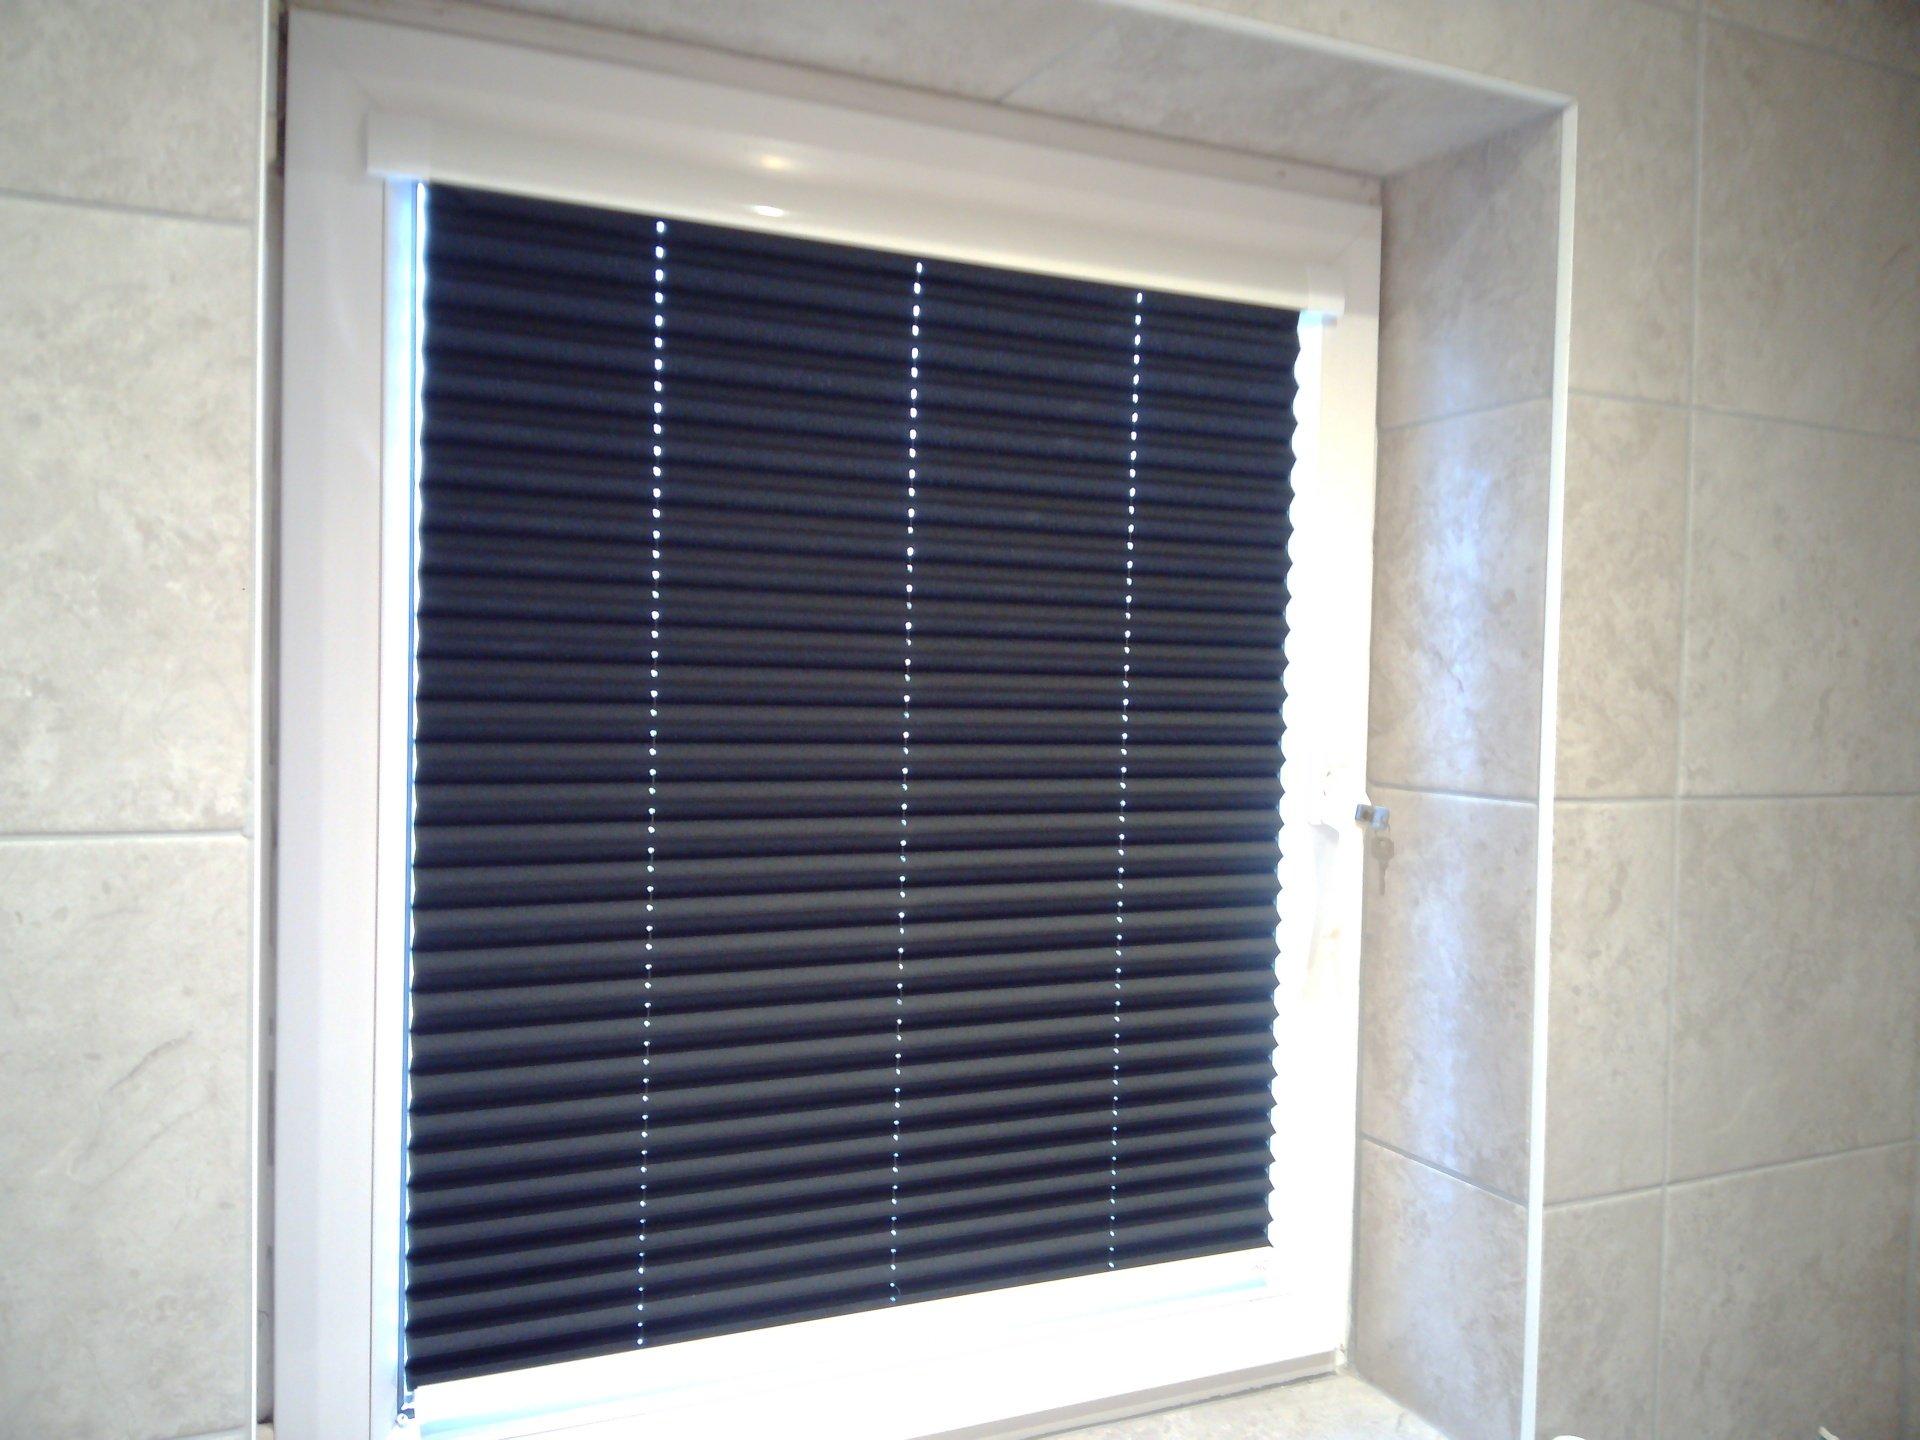 window blinds windows blind youtube watch best